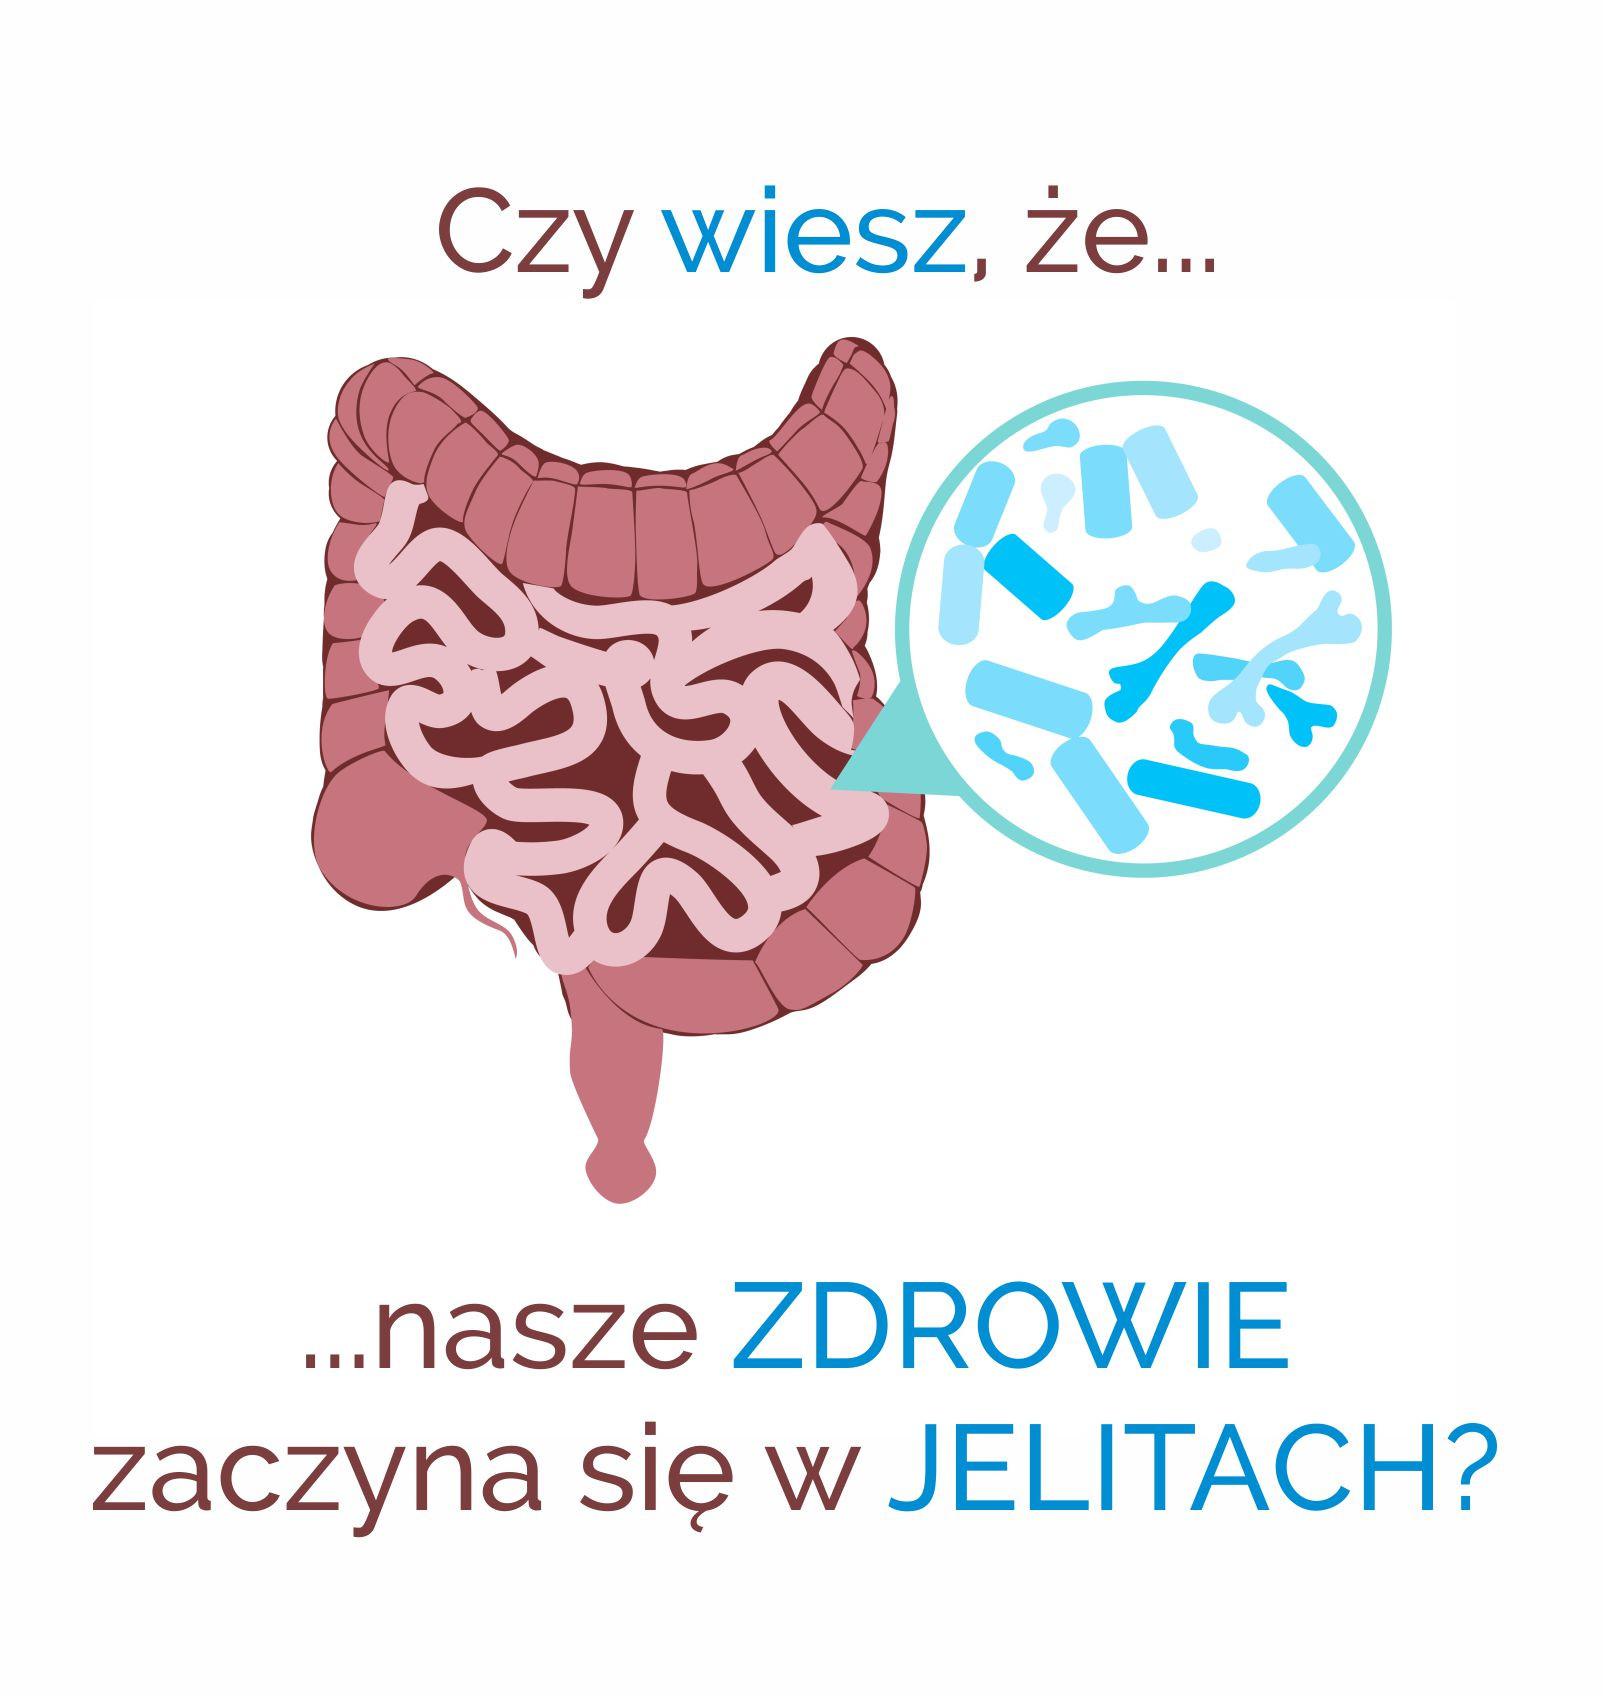 Czy wiesz, że zdrowie...?